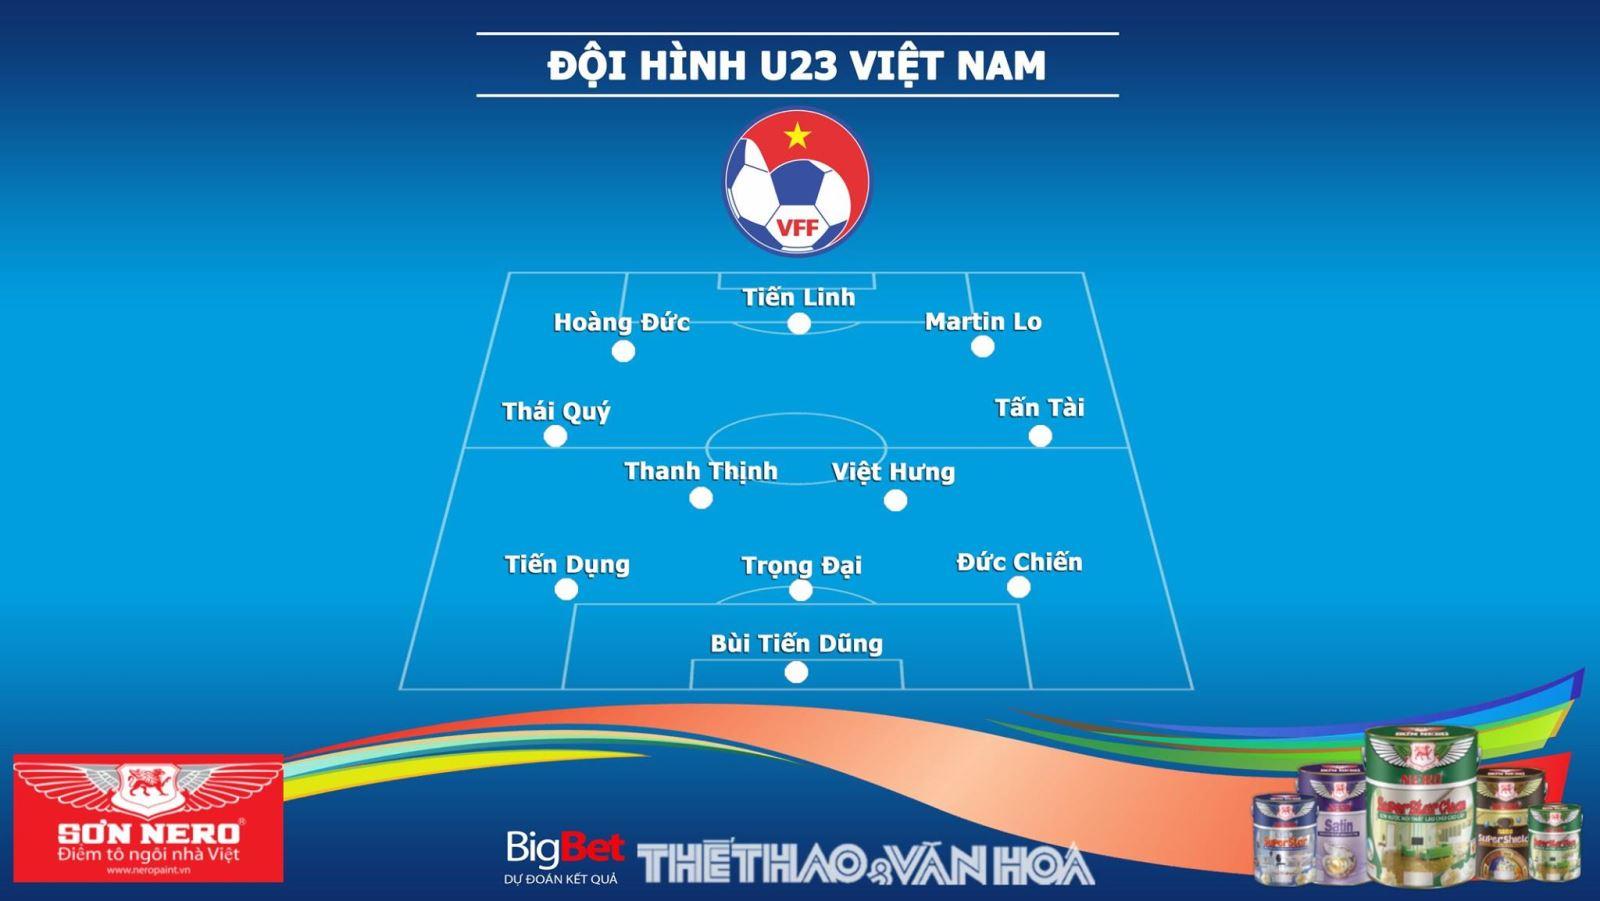 soi kèo U23 Việt Nam vs Myanmar, VTC1, VTC3, VTV6, VTV5, trực tiếp bóng đá, truc tiep bong da, xem bóng đá, dự đoán bóng đá, U23 Việt Nam đấu với Myanmar, U23 Việt Nam